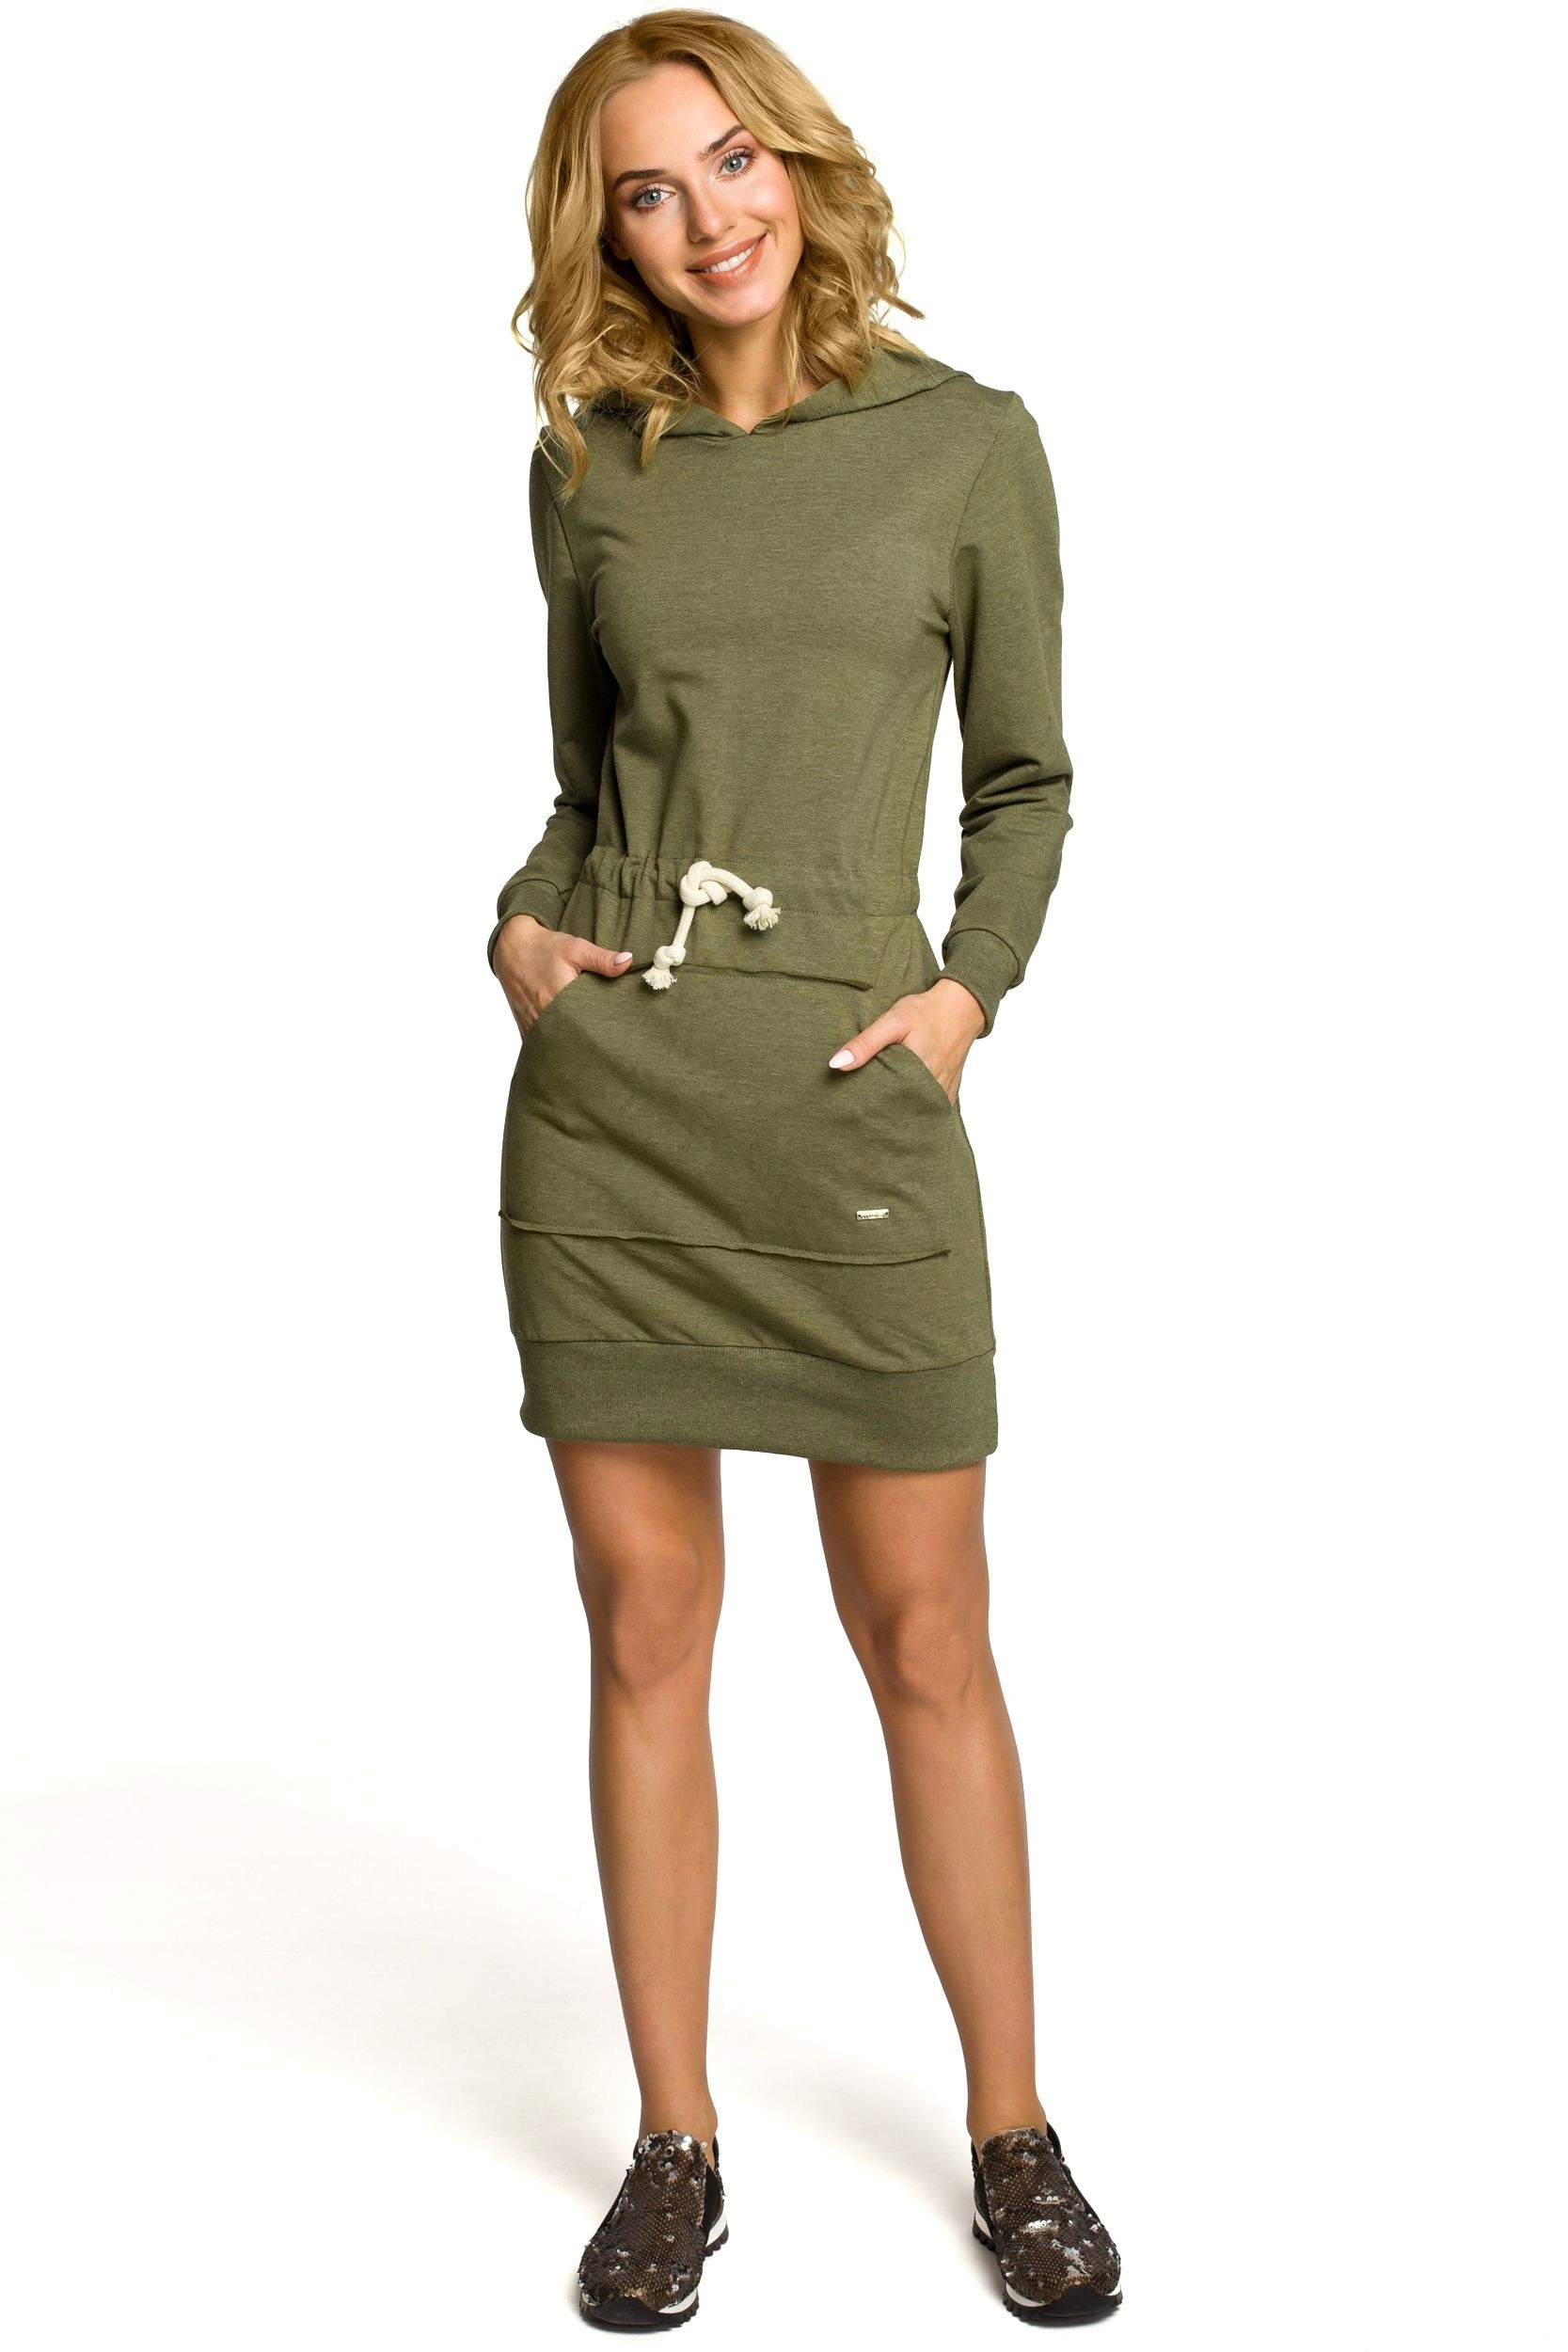 f481f298a9 M116 Mini sportowa sukienka z kapturem - khaki 40 7693249634 - Allegro.pl